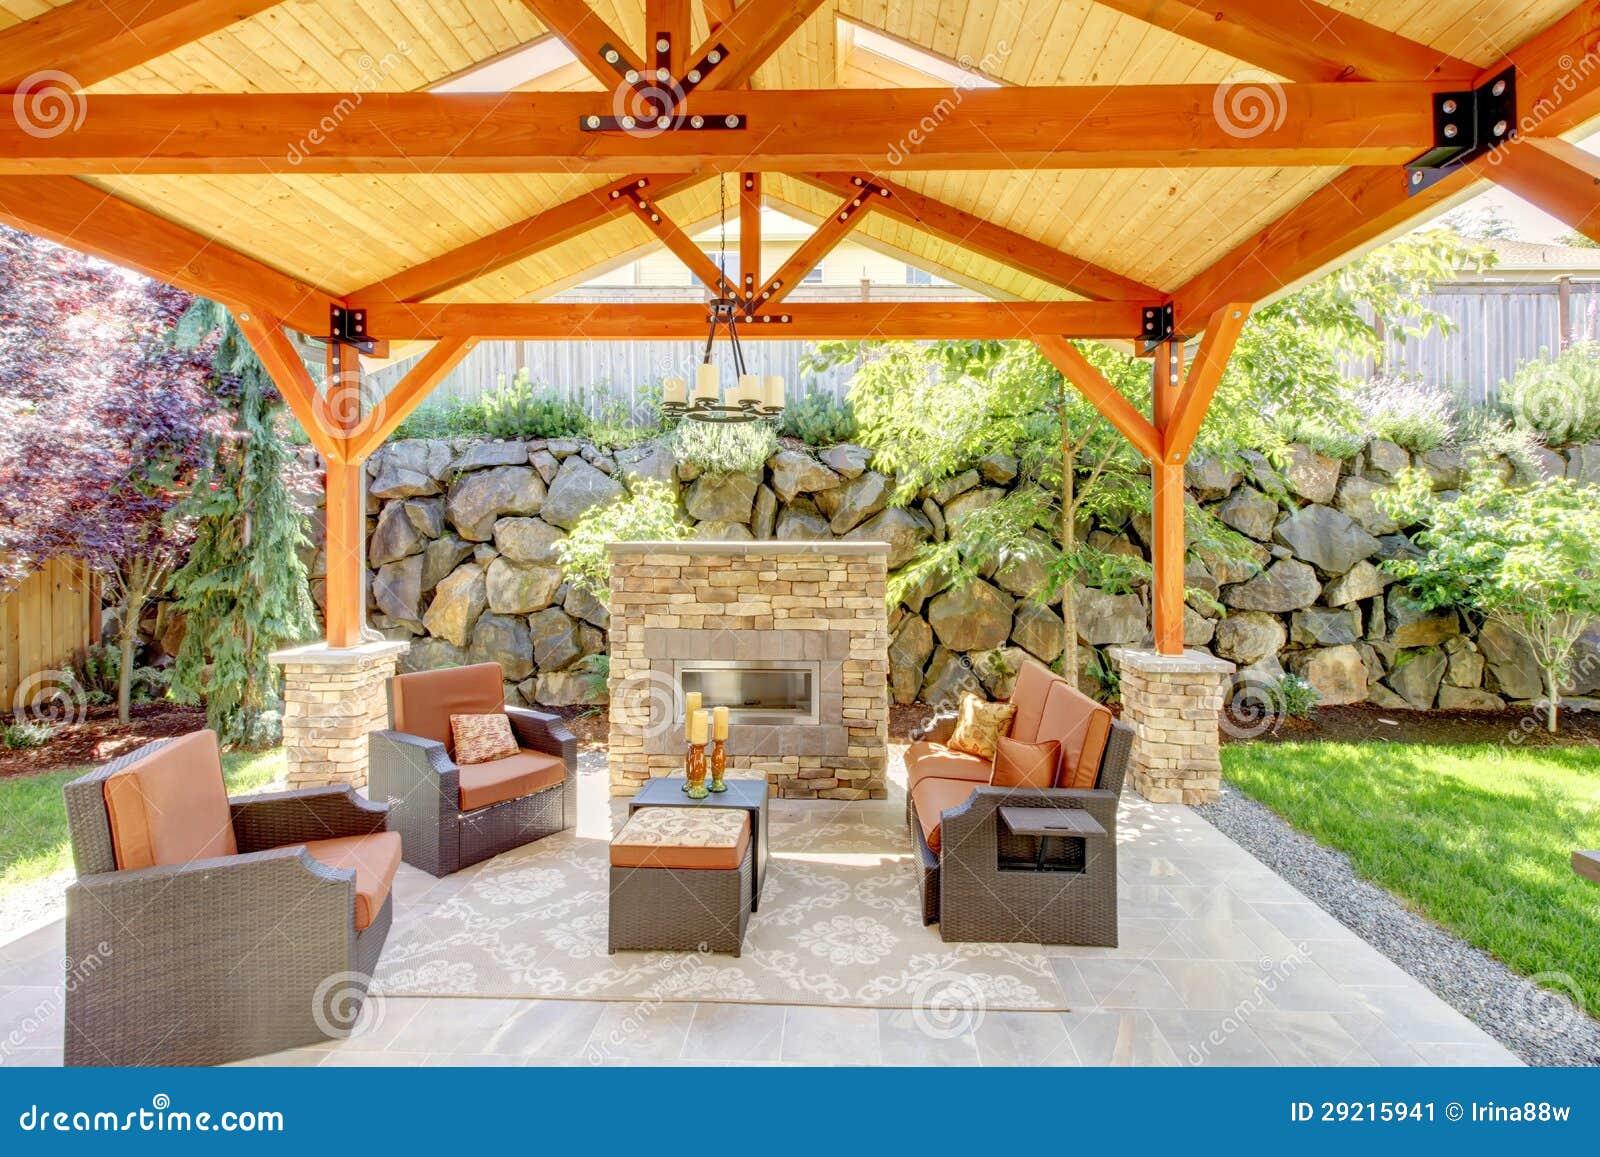 Foto buitenkant terras: iterlimen mooie buitenkant appartement met